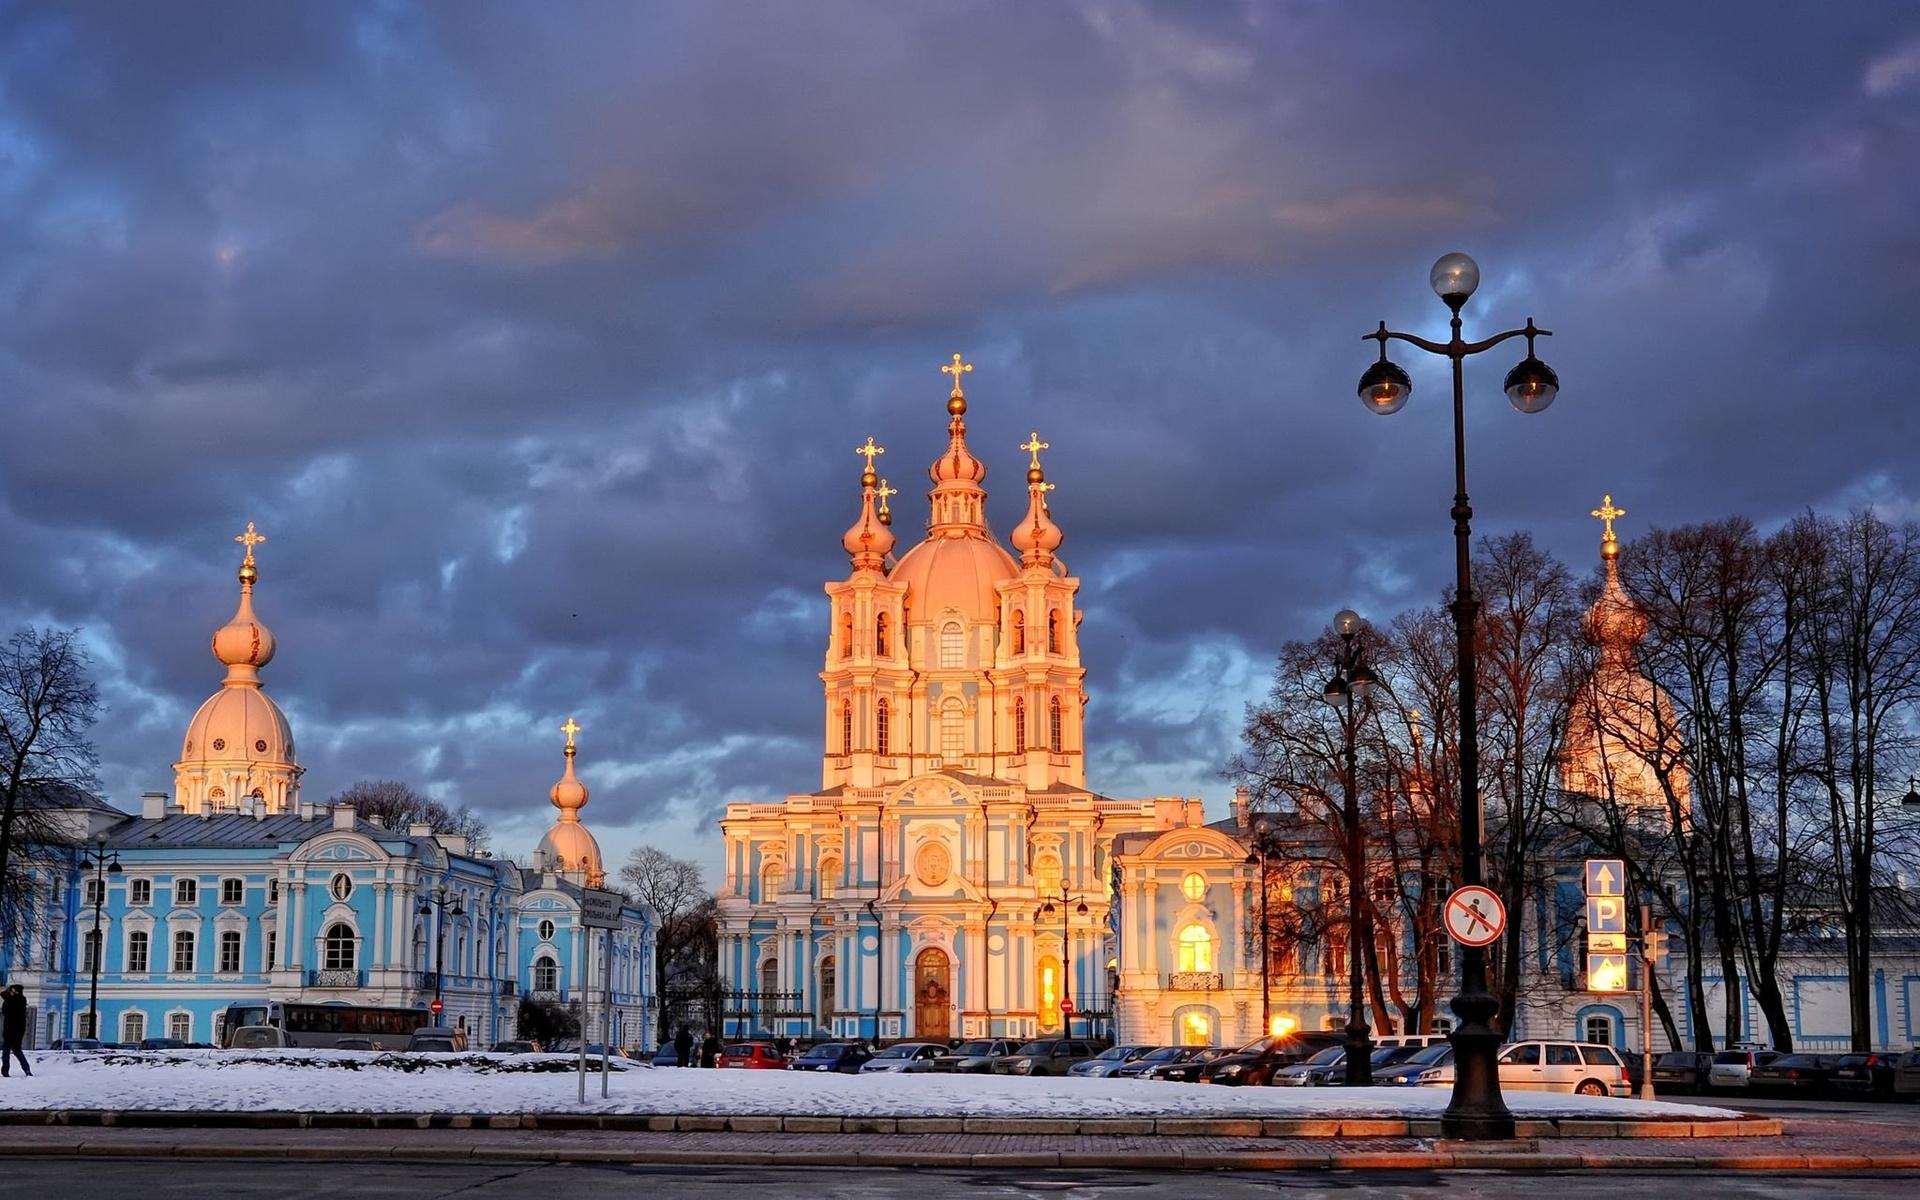 Картинки Деревья, Санкт-Петербург, Смольный собор, фонарь фото и обои на рабочий стол